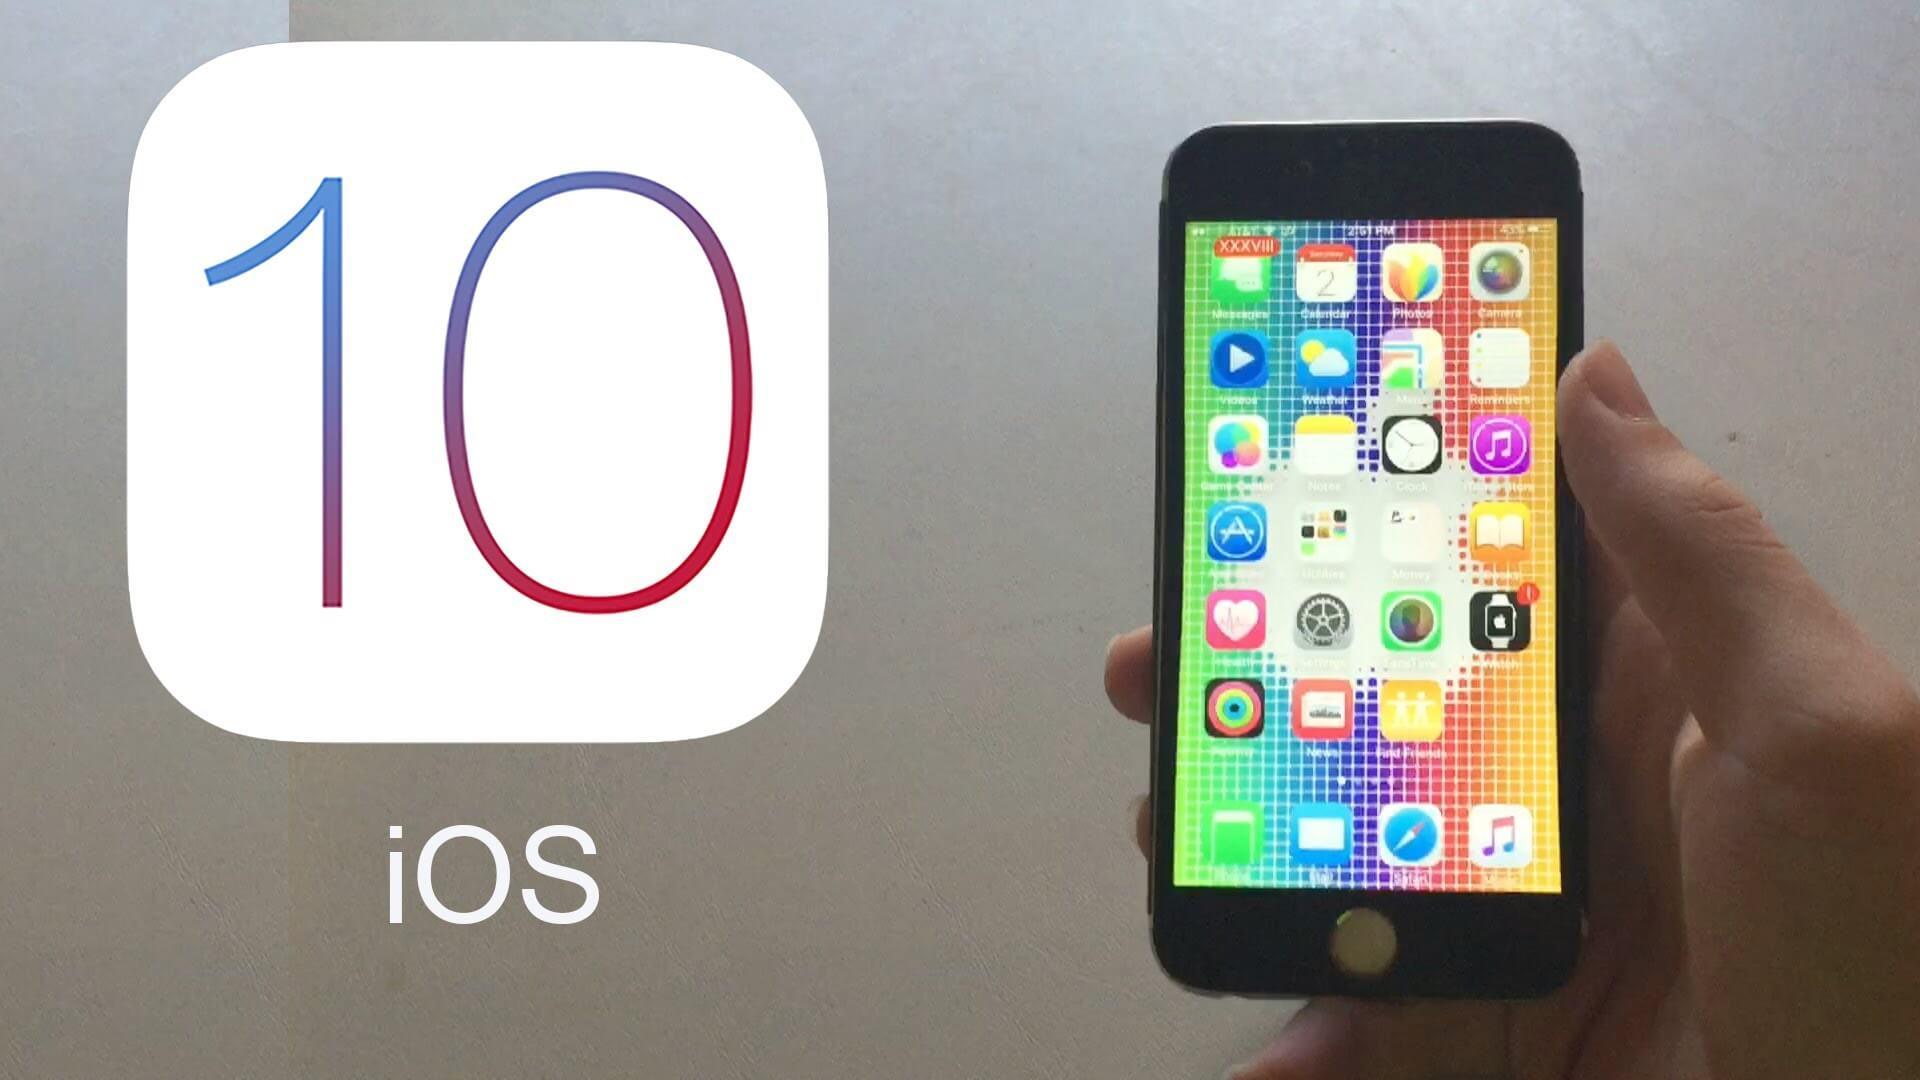 İOS 10 Problemleri İOS 10 İOS 10 İle Gelen 5 Probleme Çözüm Yöntemleri ios problemleri